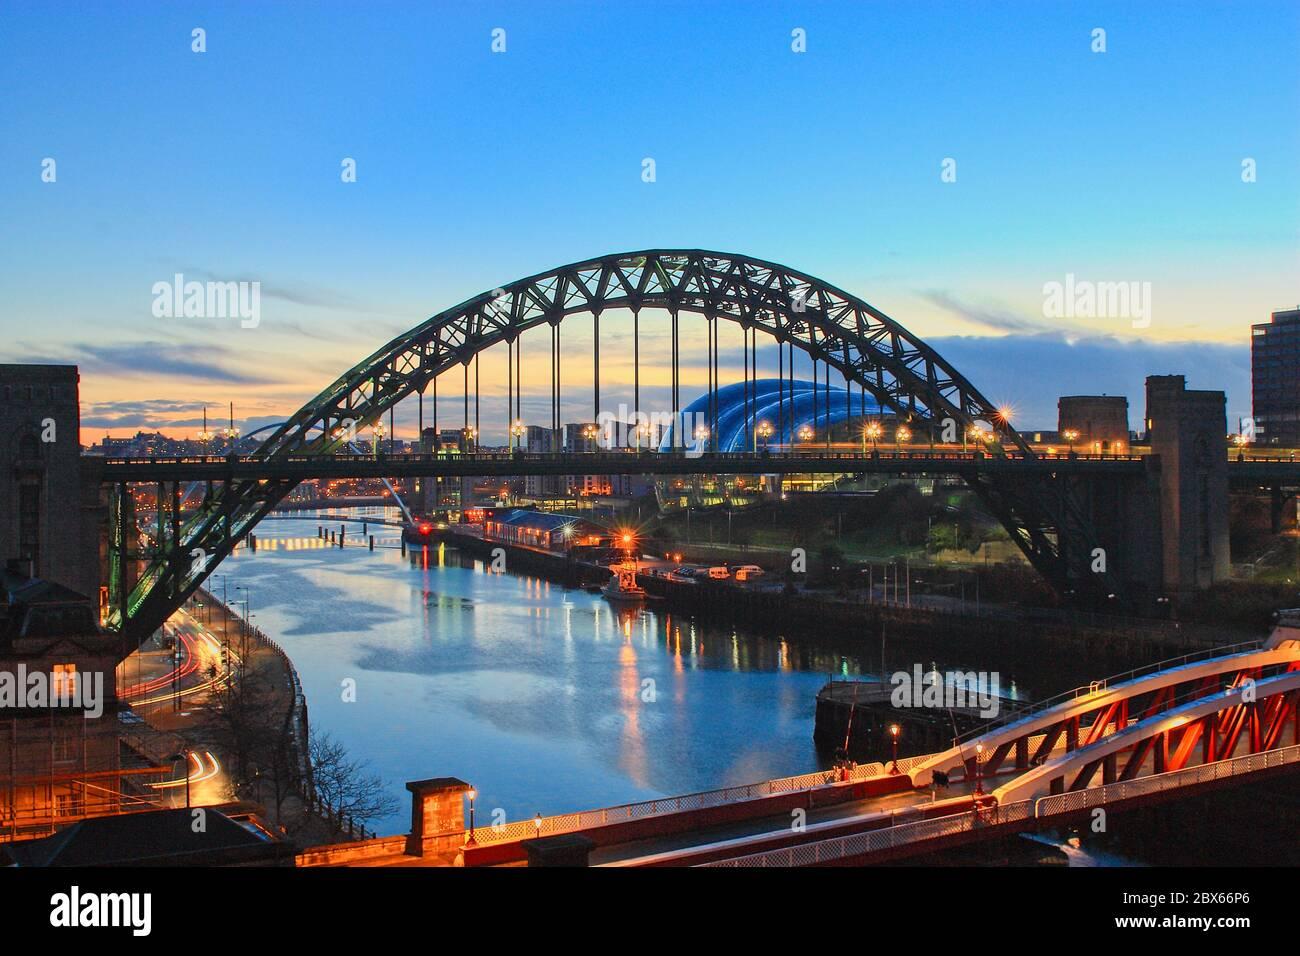 El puente Tyne en la hora azul al amanecer sobre el río Tyne que une Newcastle y Gateshead en Tyne y Wear, noreste de Inglaterra. Foto de stock